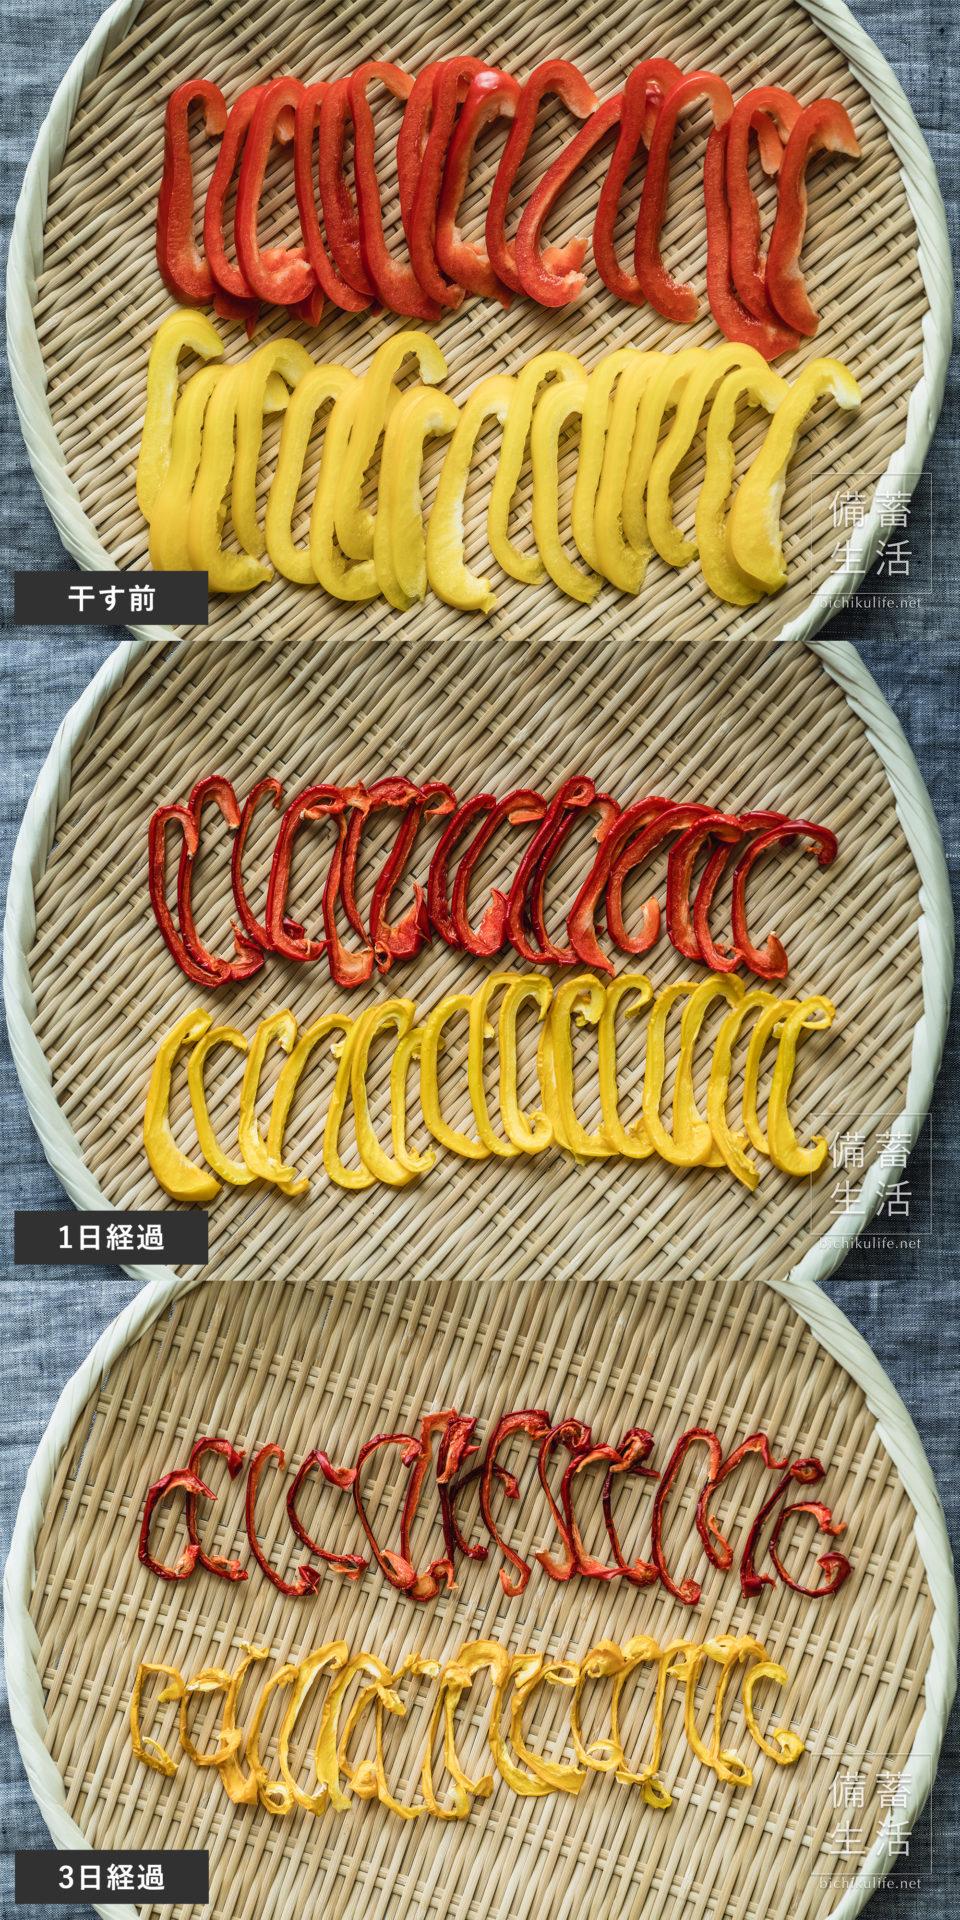 パプリカ 干し野菜づくり|干しパプリカの作り方